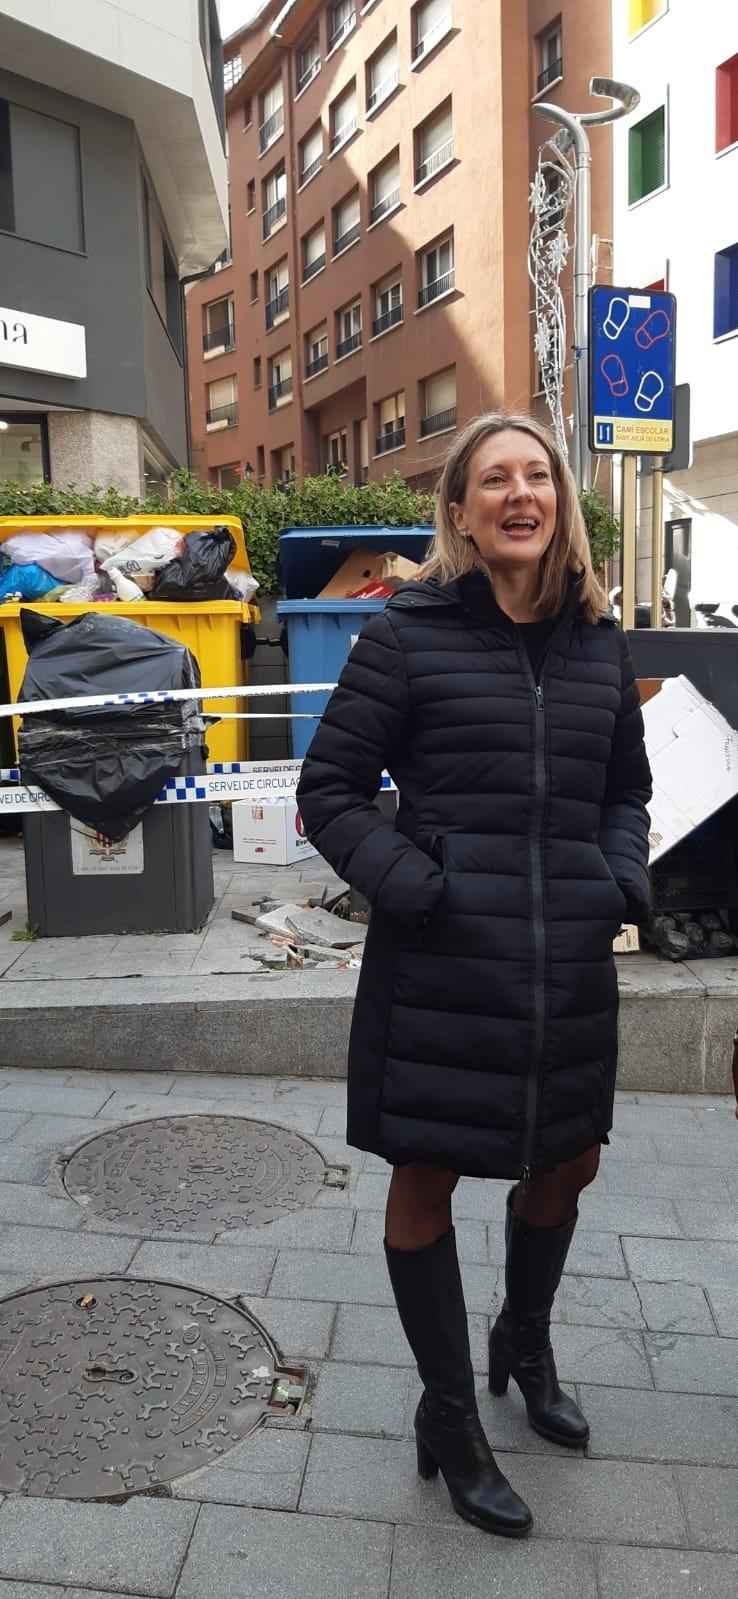 Maria Àngels Aché, davant dels contenidors de la zona del Centre esportiu.